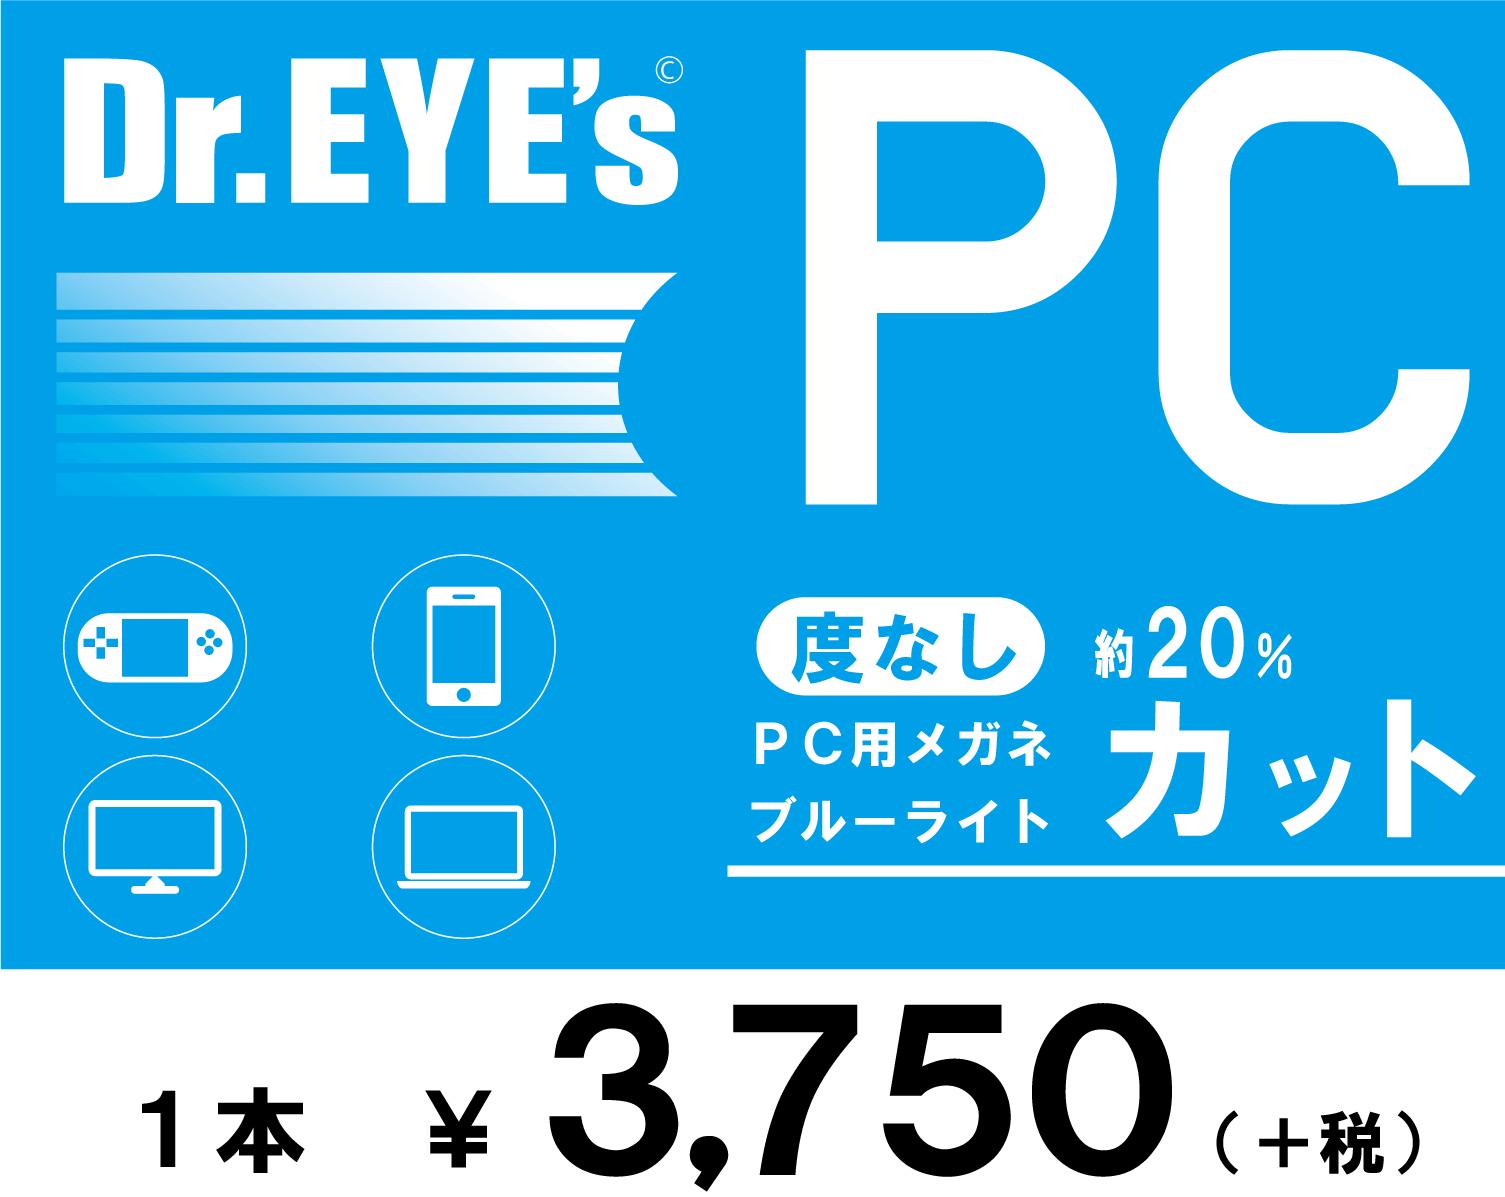 度なしPC用メガネ3,750円(税別)